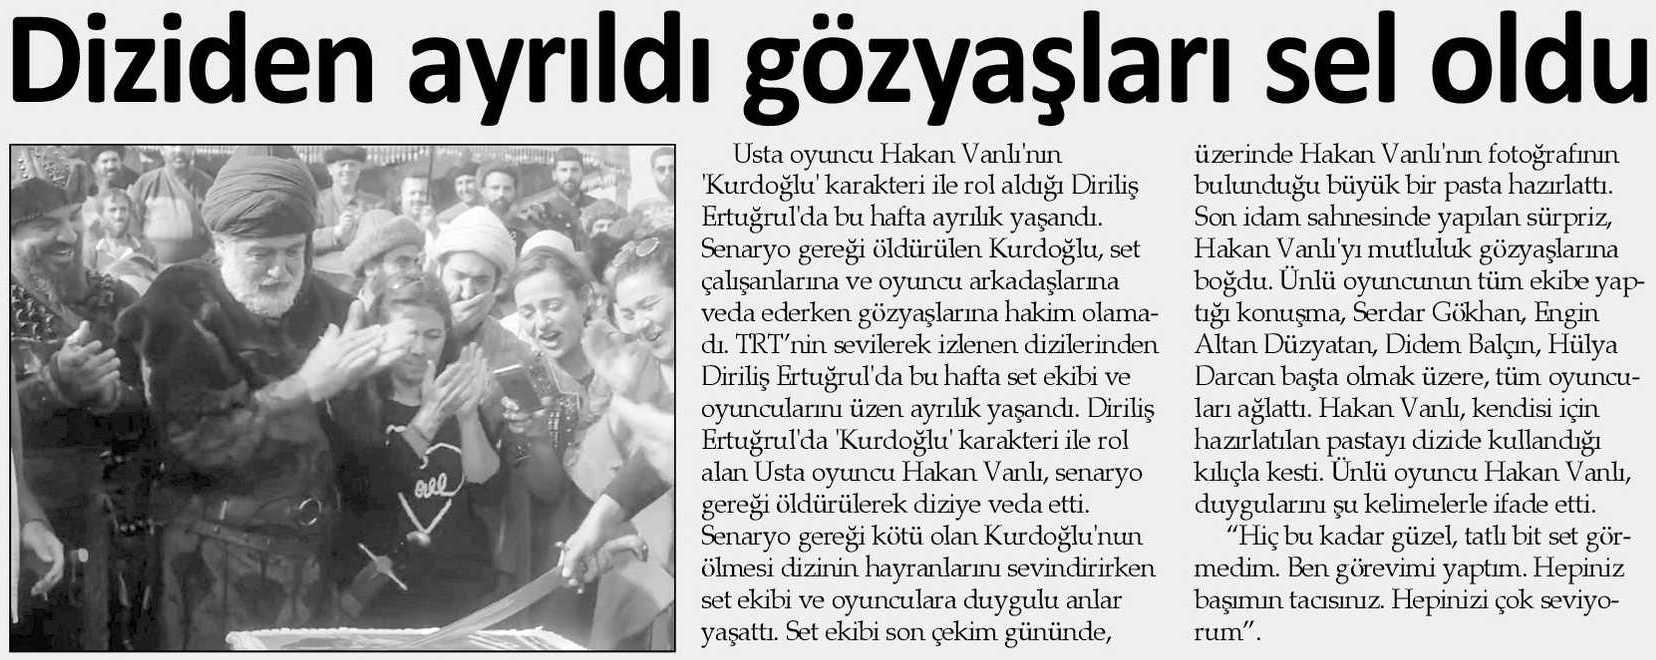 Hakan Vanlı - Şok Gazetesi Haberi